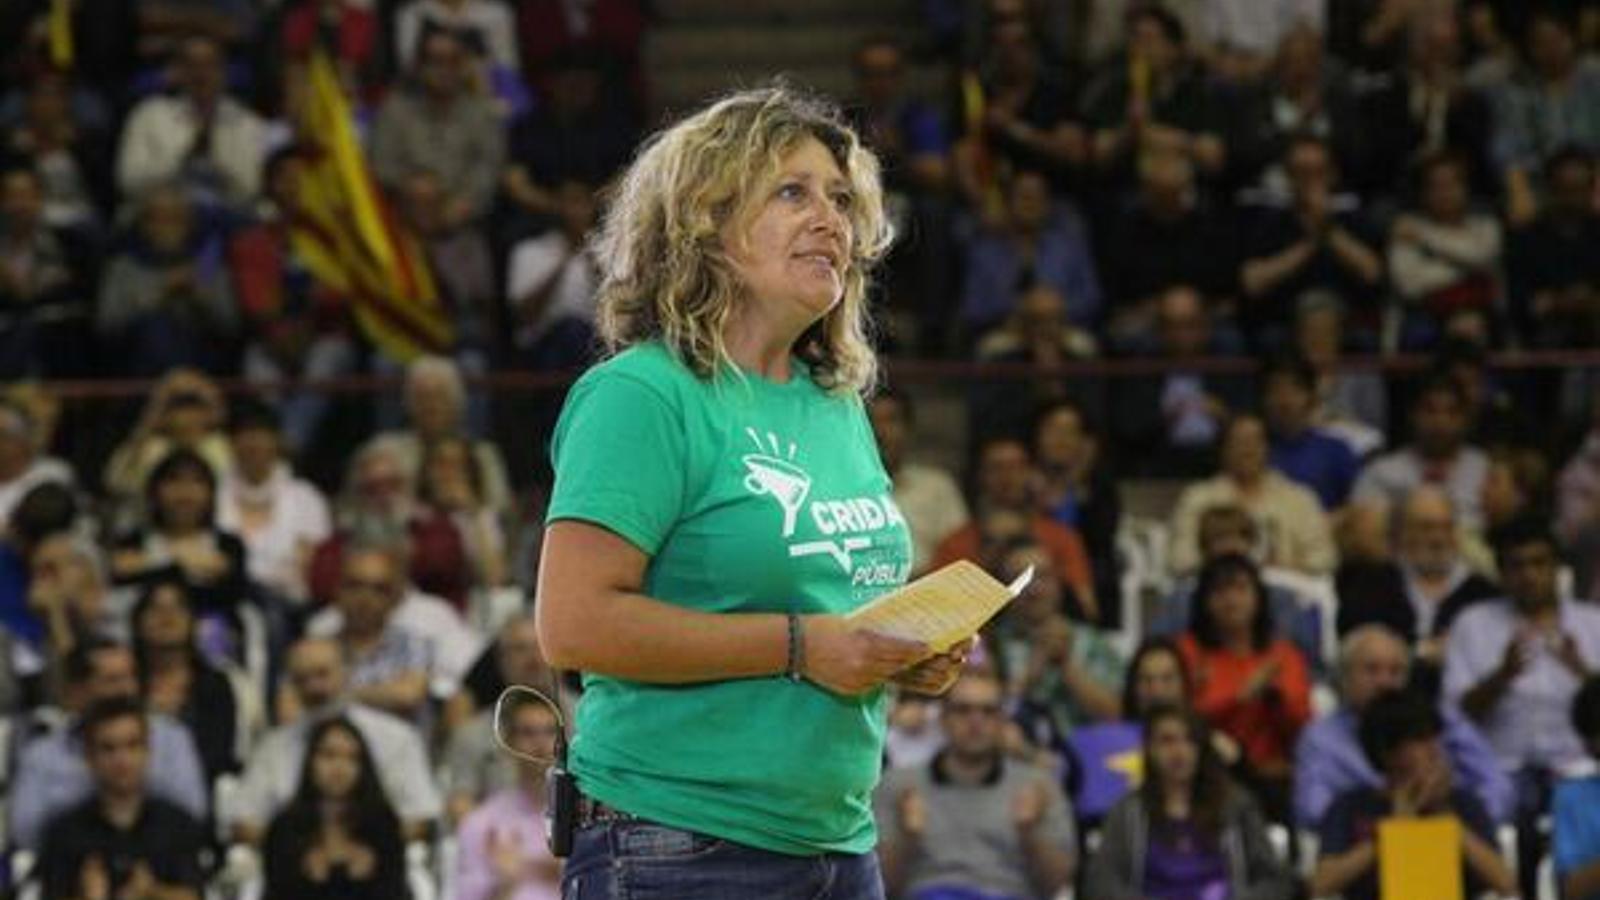 La nova presidenta de l'ASM, Margalida Miquel, durant un míting d'ERC en les passades eleccions europees.